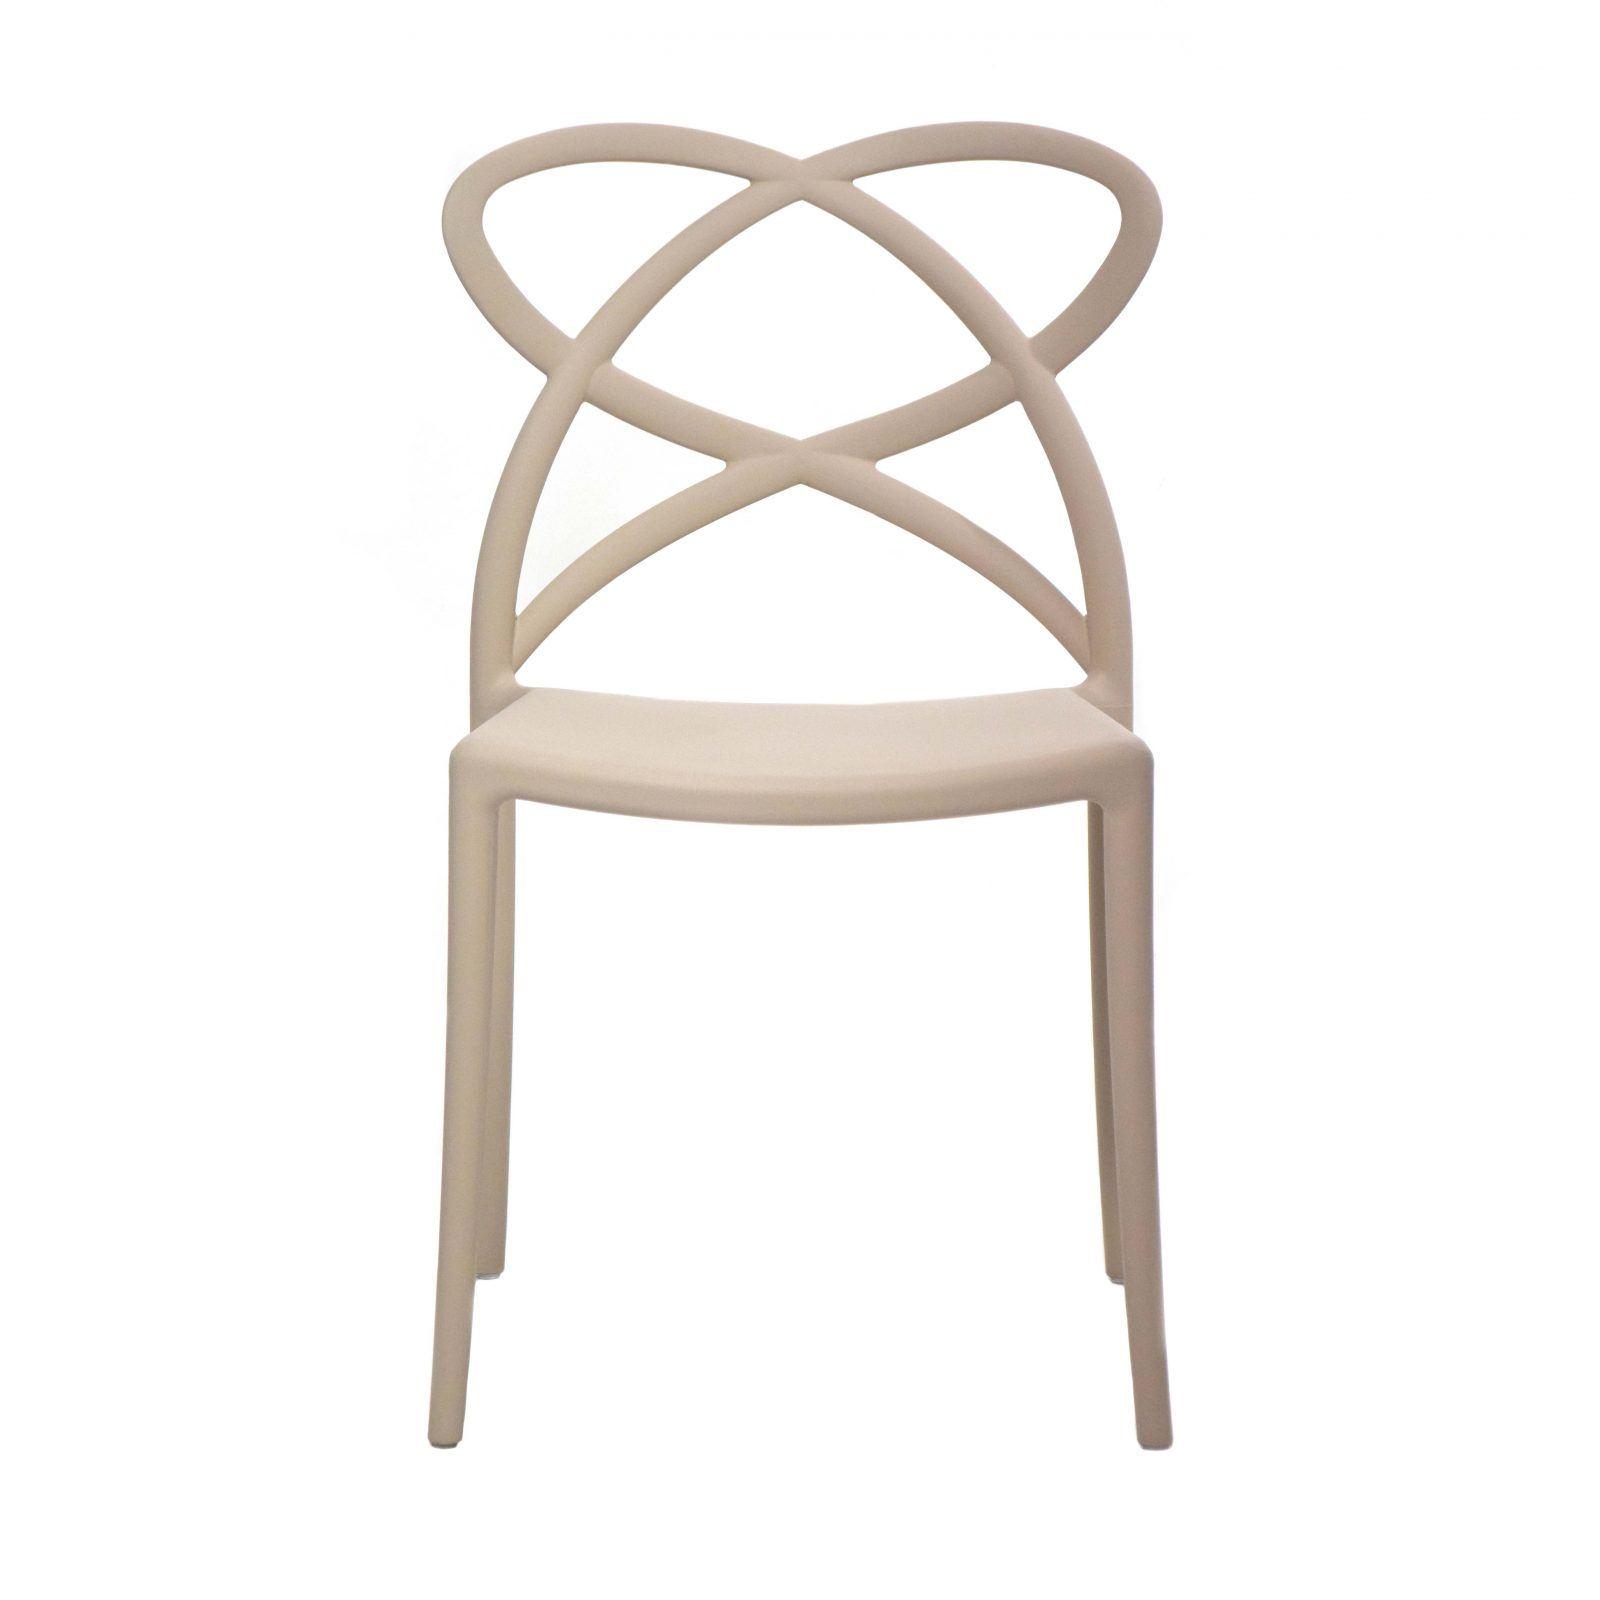 Outlet di sedie di design a padova sedie calligaris for Sedie design outlet